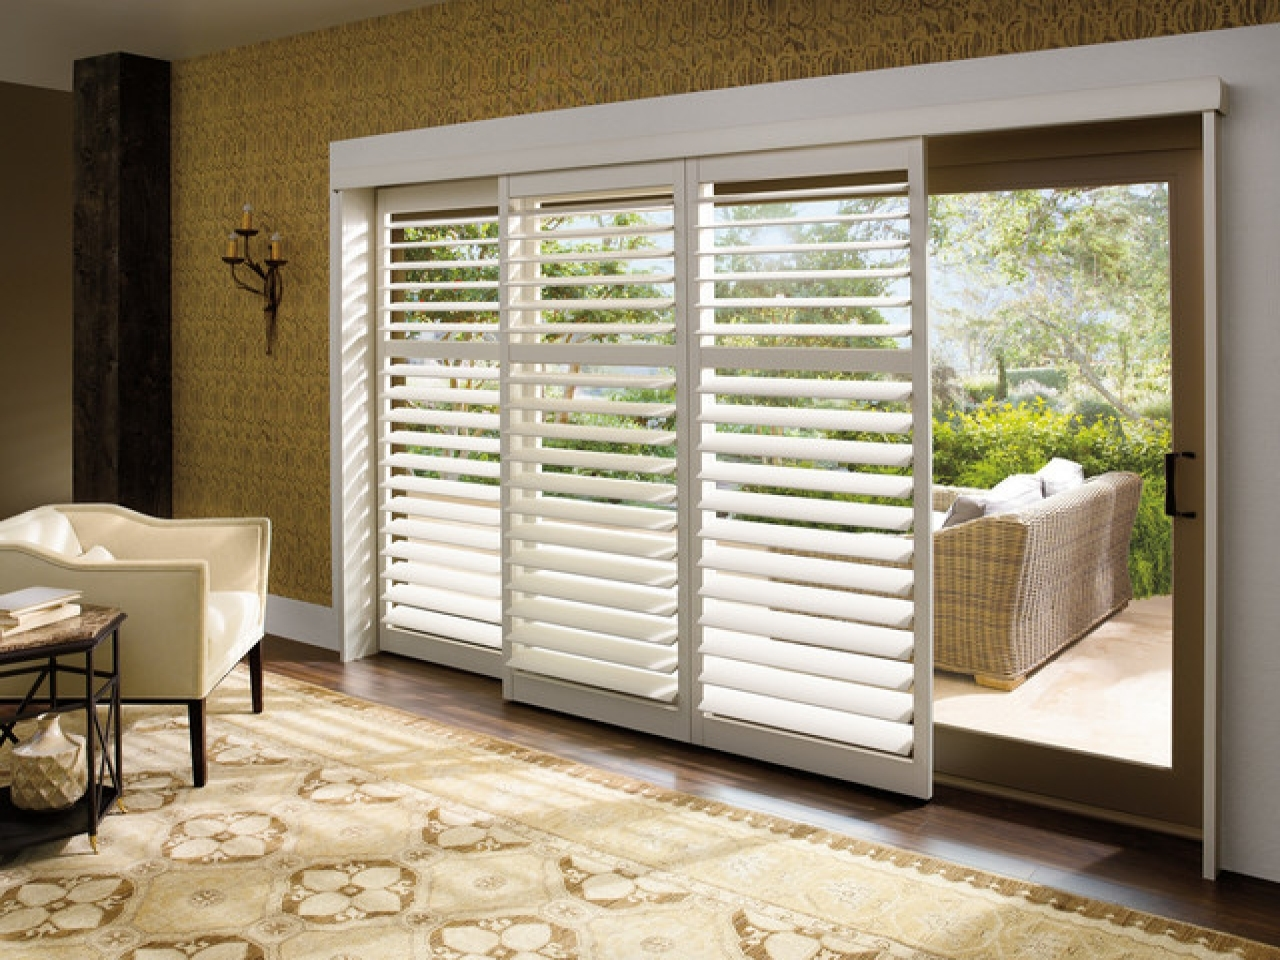 Window Blinds Sliding Patio Doors1280 X 960